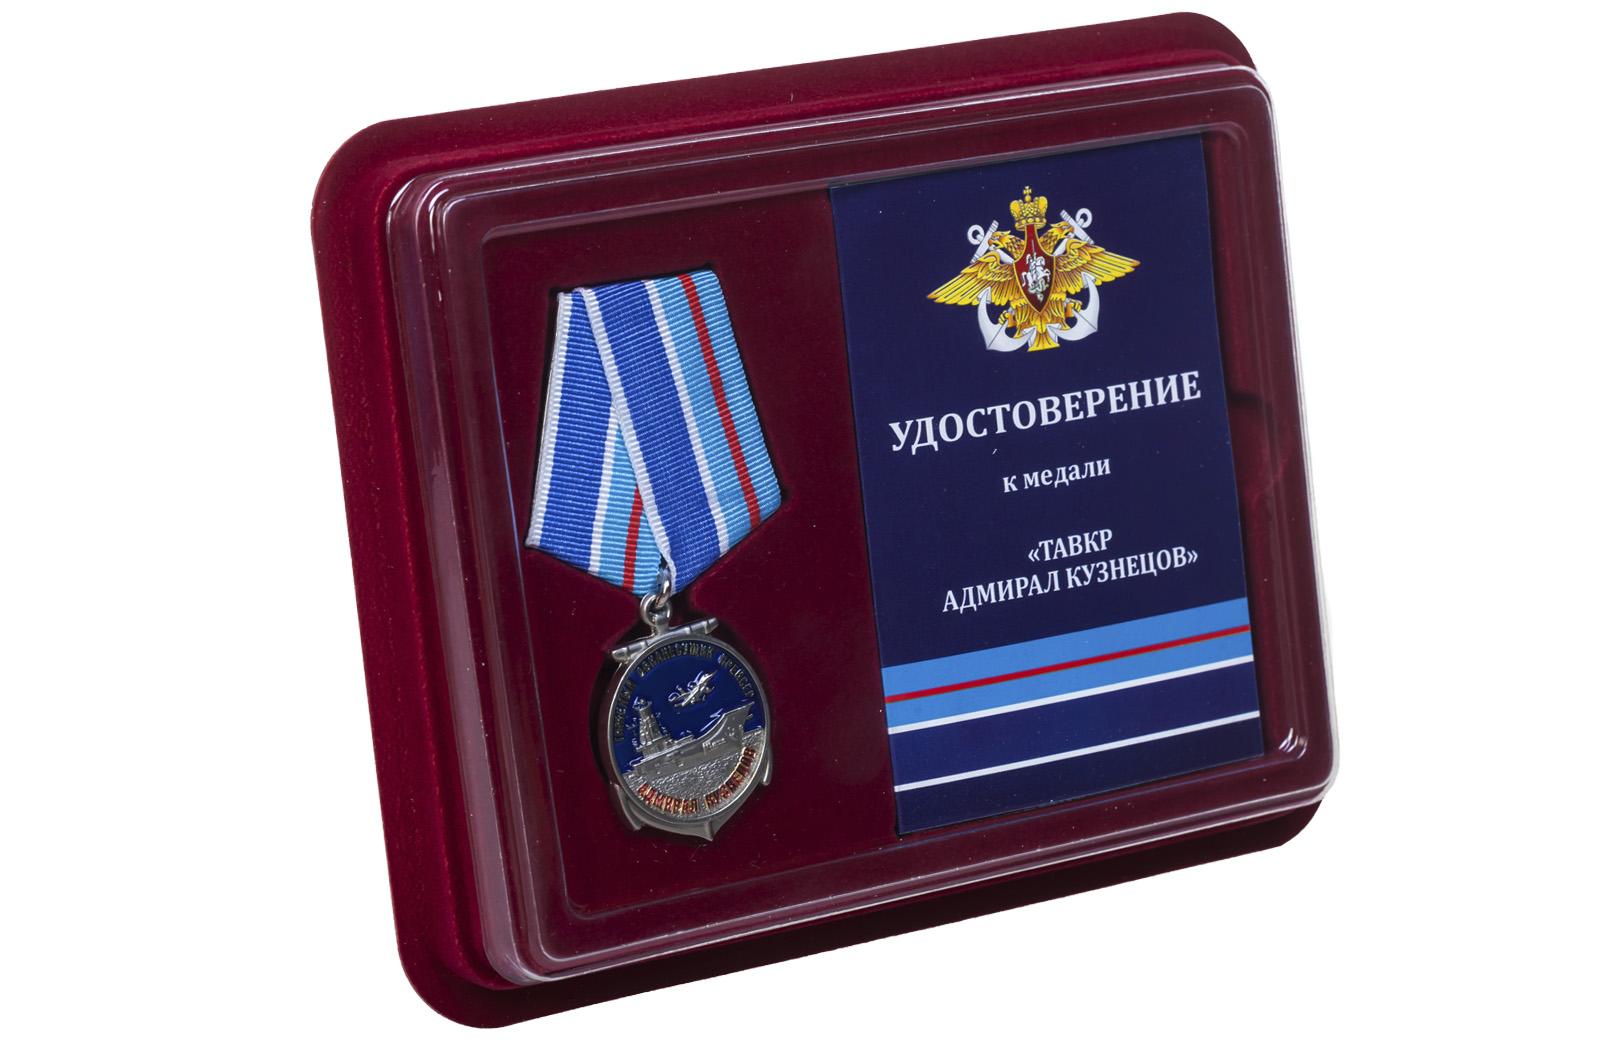 Купить медаль ТАВКР Адмирал Кузнецов оптом или в розницу